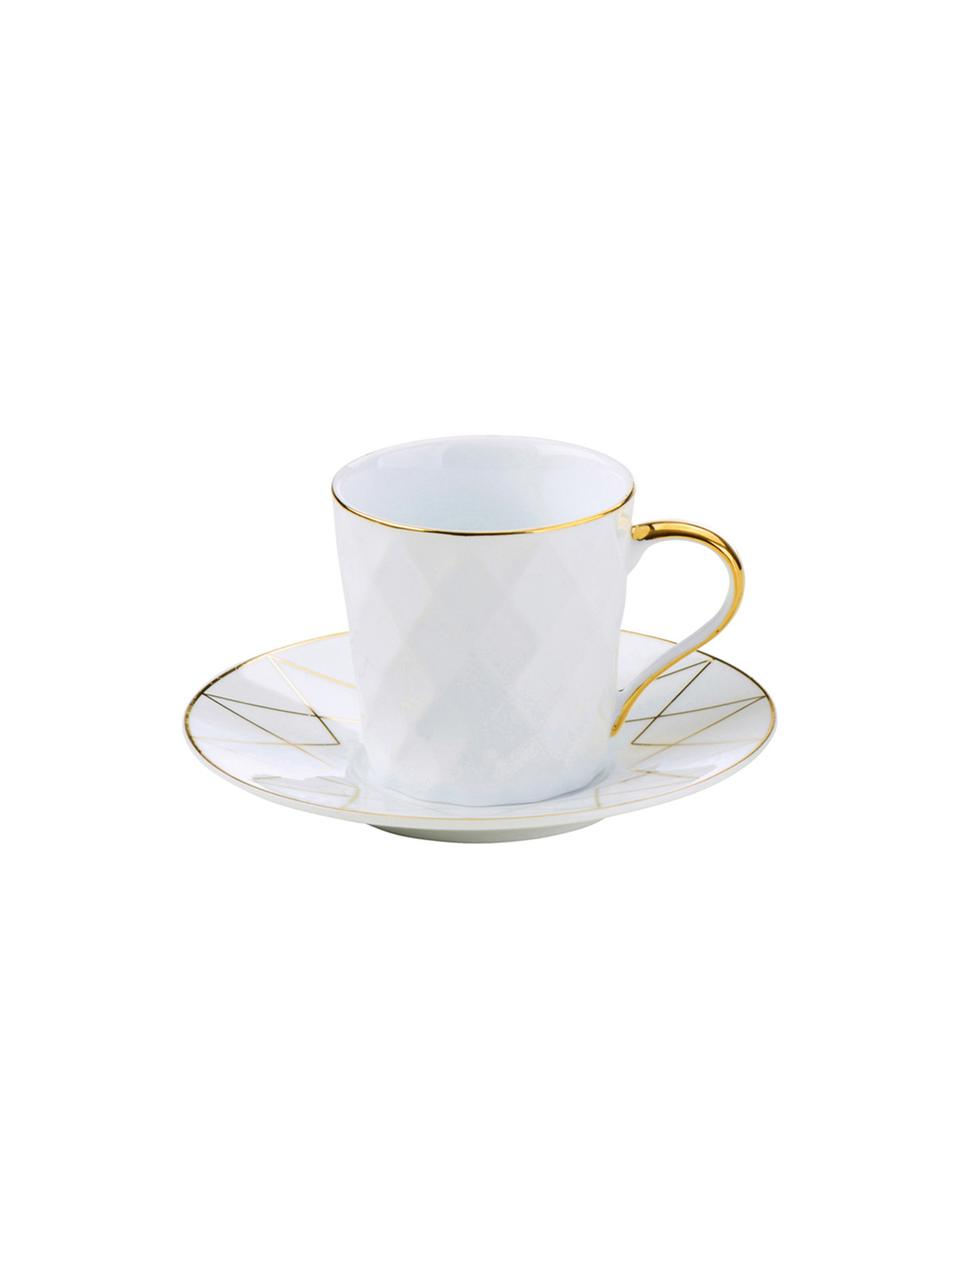 Espressotassen mit Untertassen Lux mit goldenem Dekor, 3 Stück, Porzellan, Weiß, Goldfarben, Ø 12 x H 6 cm